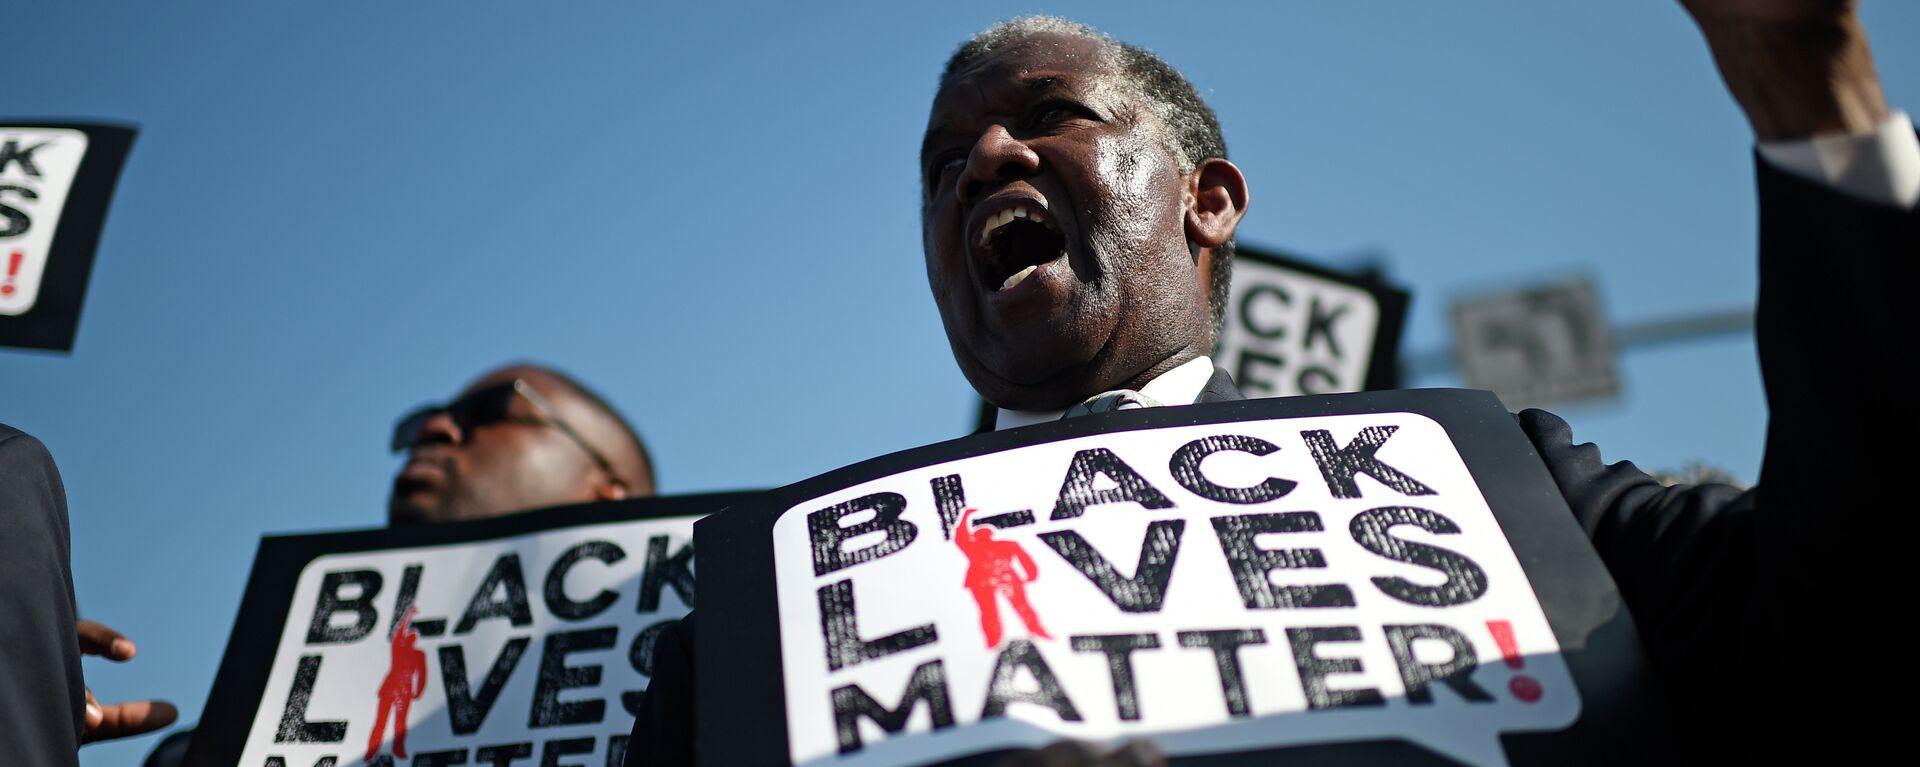 Uno dei partecipanti alla manifestazione Black Lives Matter - Sputnik Italia, 1920, 12.11.2020